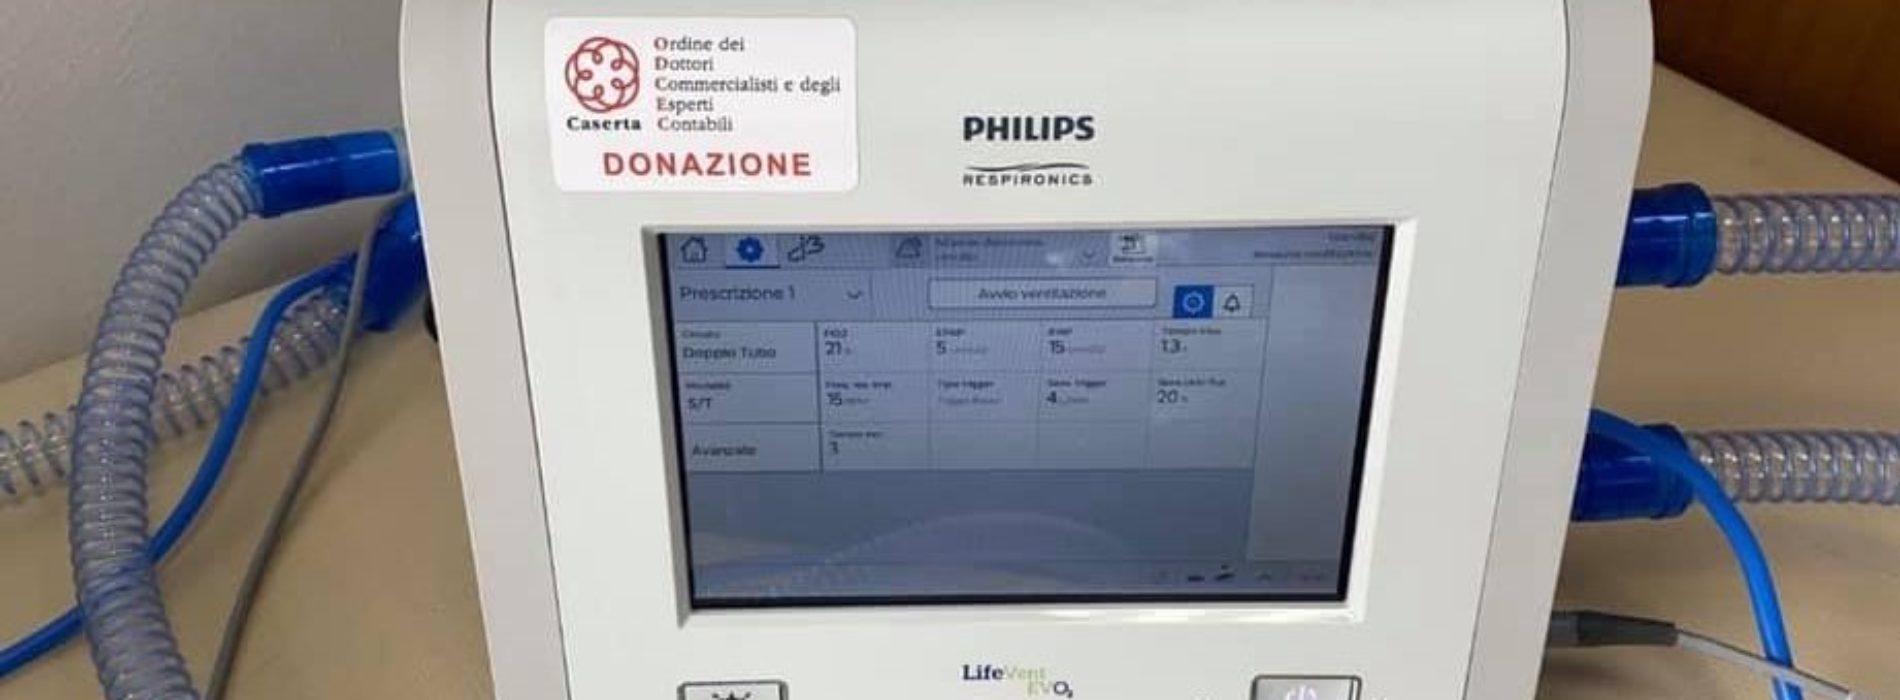 Commercialisti Caserta, donato un respiratore all'Ospedale